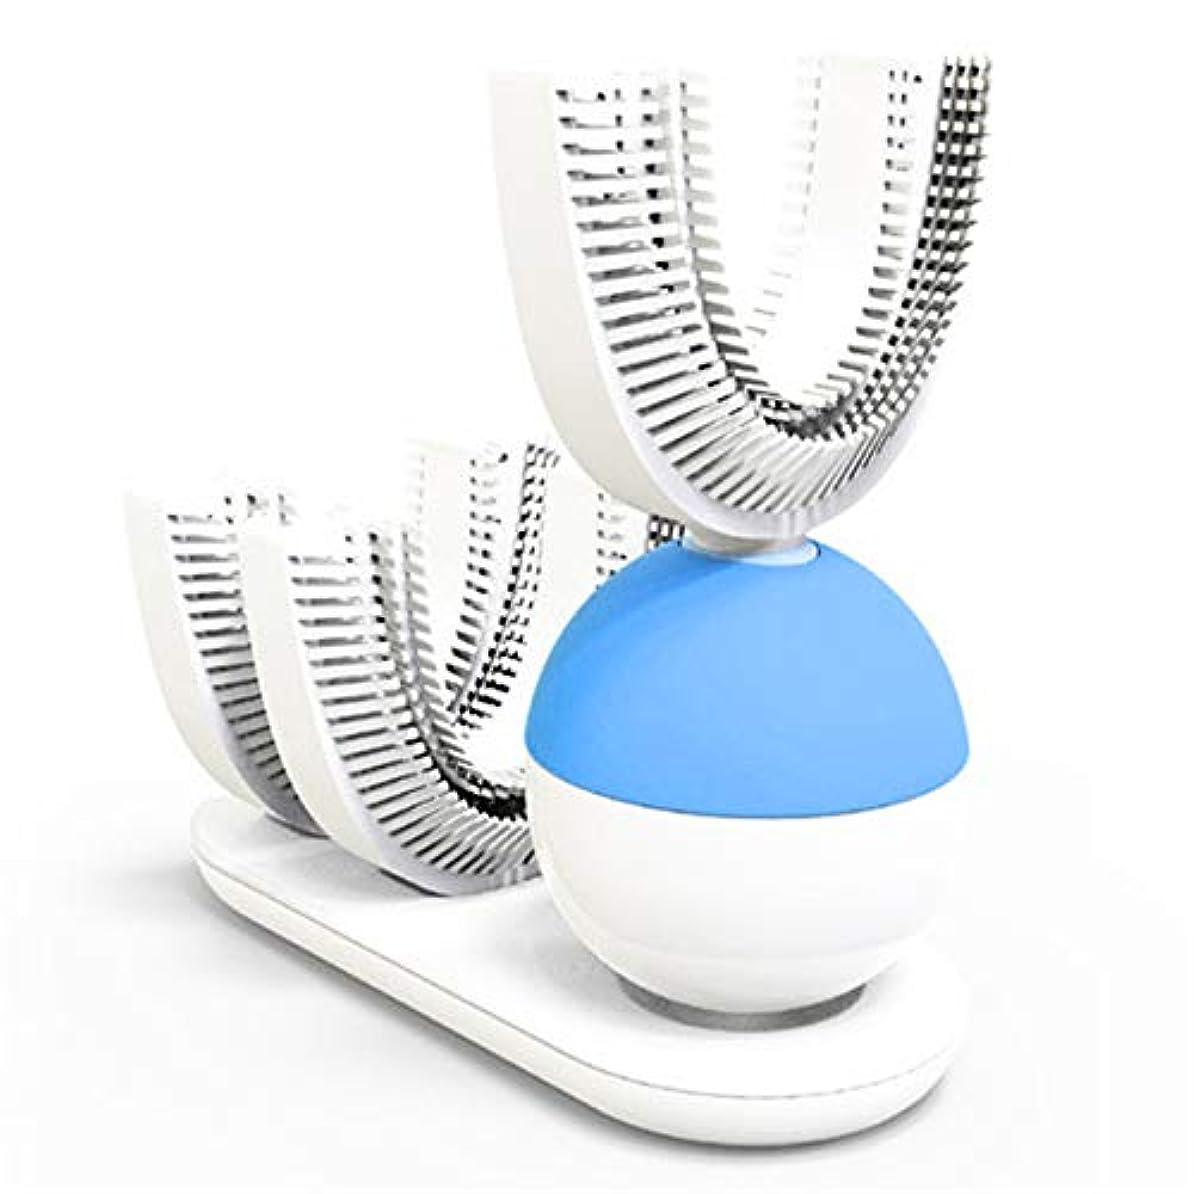 電動歯ブラシ 自動歯ブラシ U型 360°全方位 超音波 怠け者歯ブラシ ワイヤレス充電 歯ブラシヘッド付き